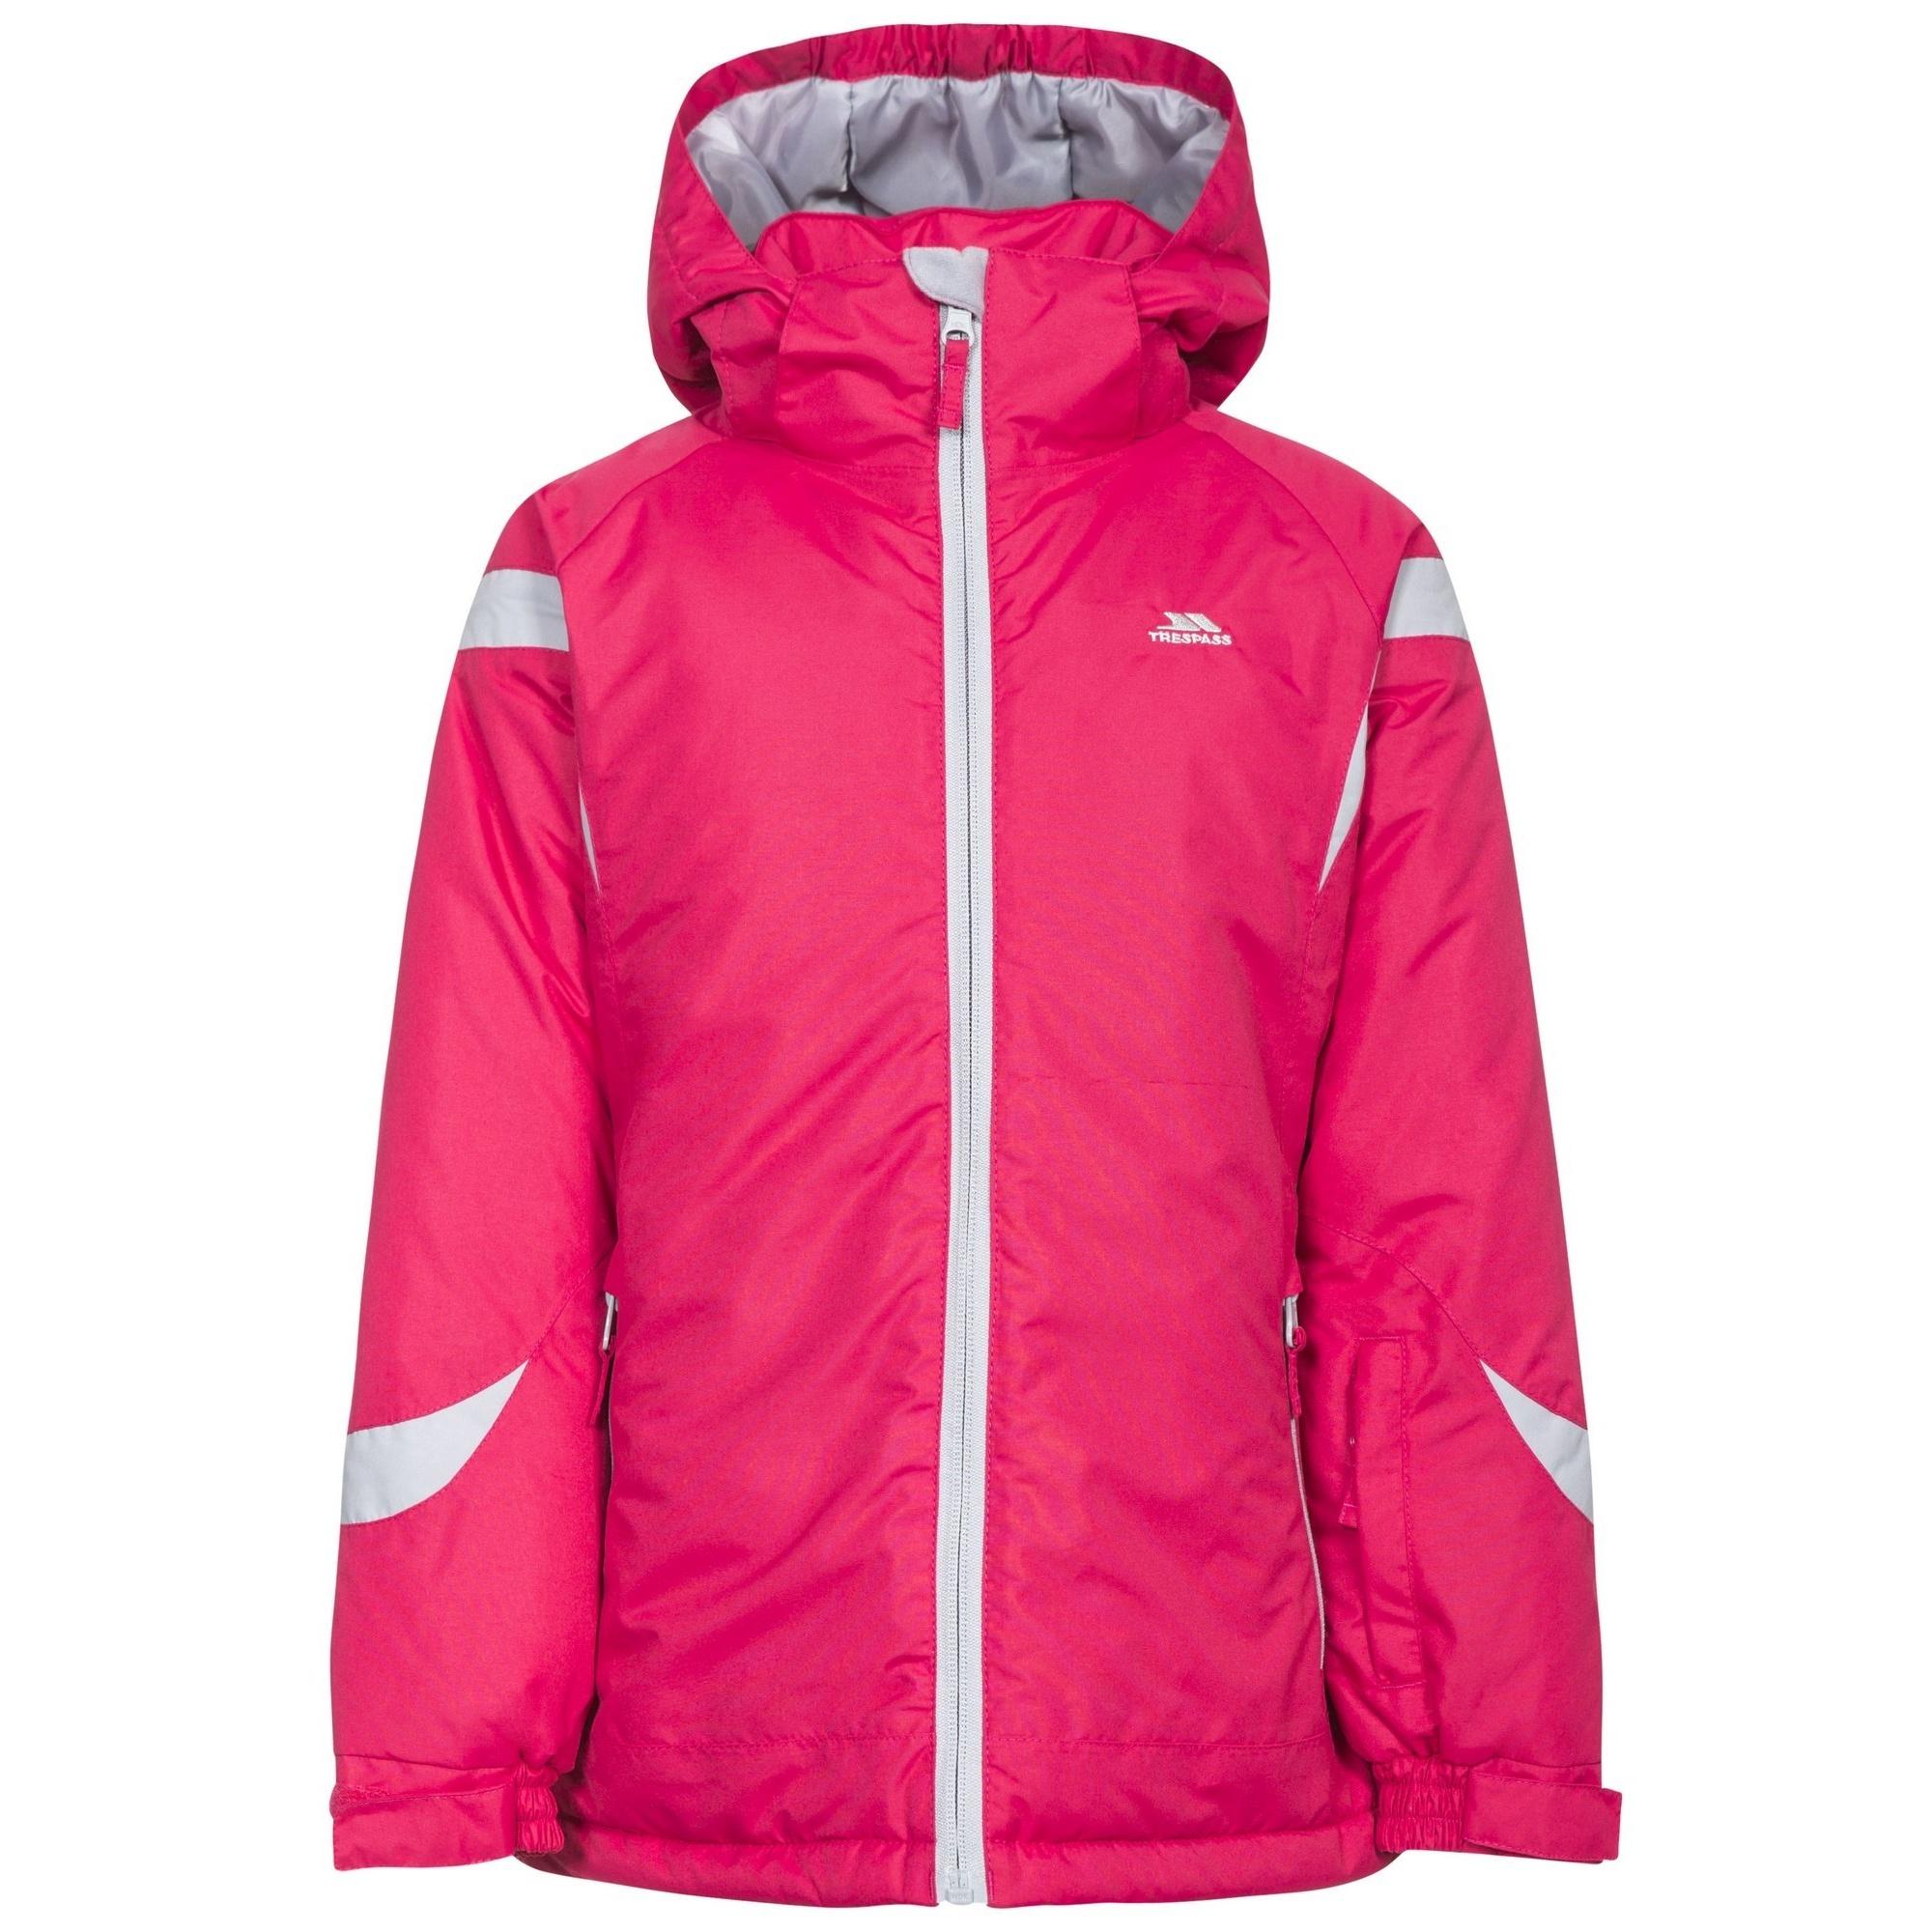 Trespass Childrens Girls Avast Waterproof Ski Jacket (5/6 Years) (Raspberry)